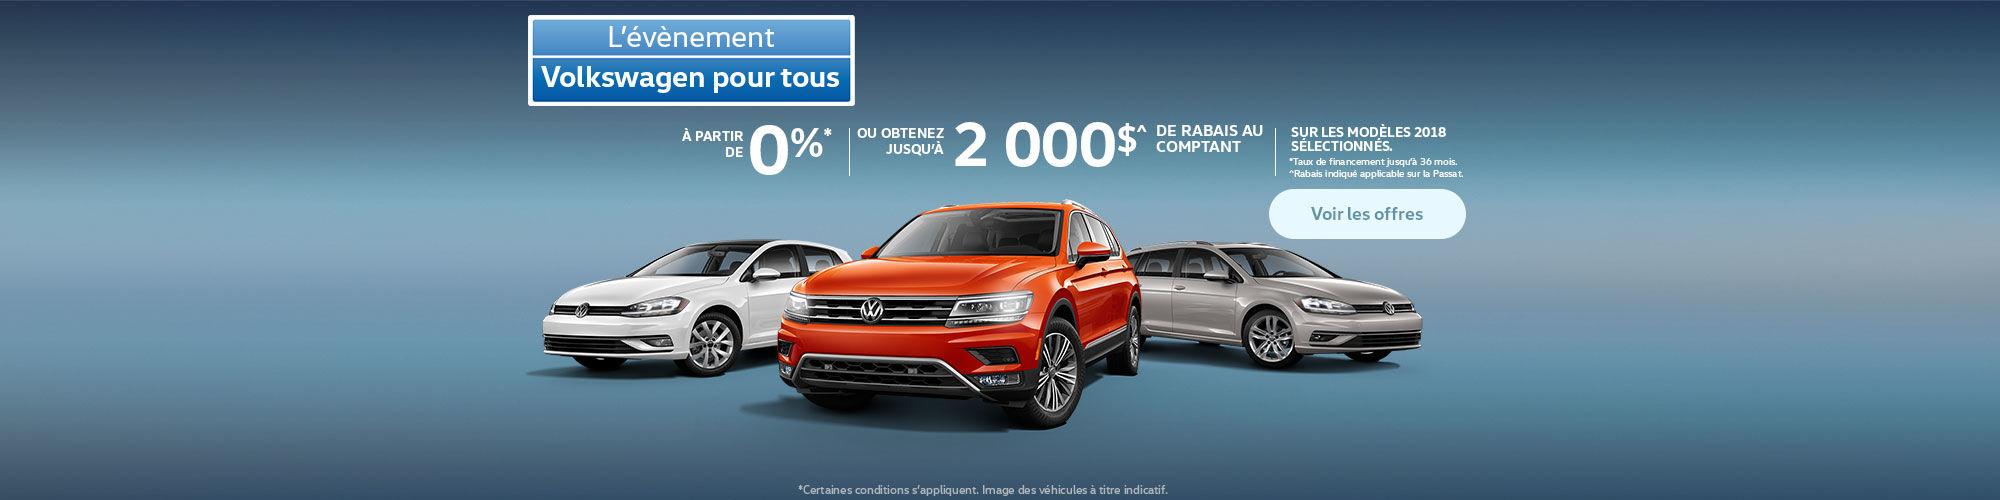 Volkswagen pour tous